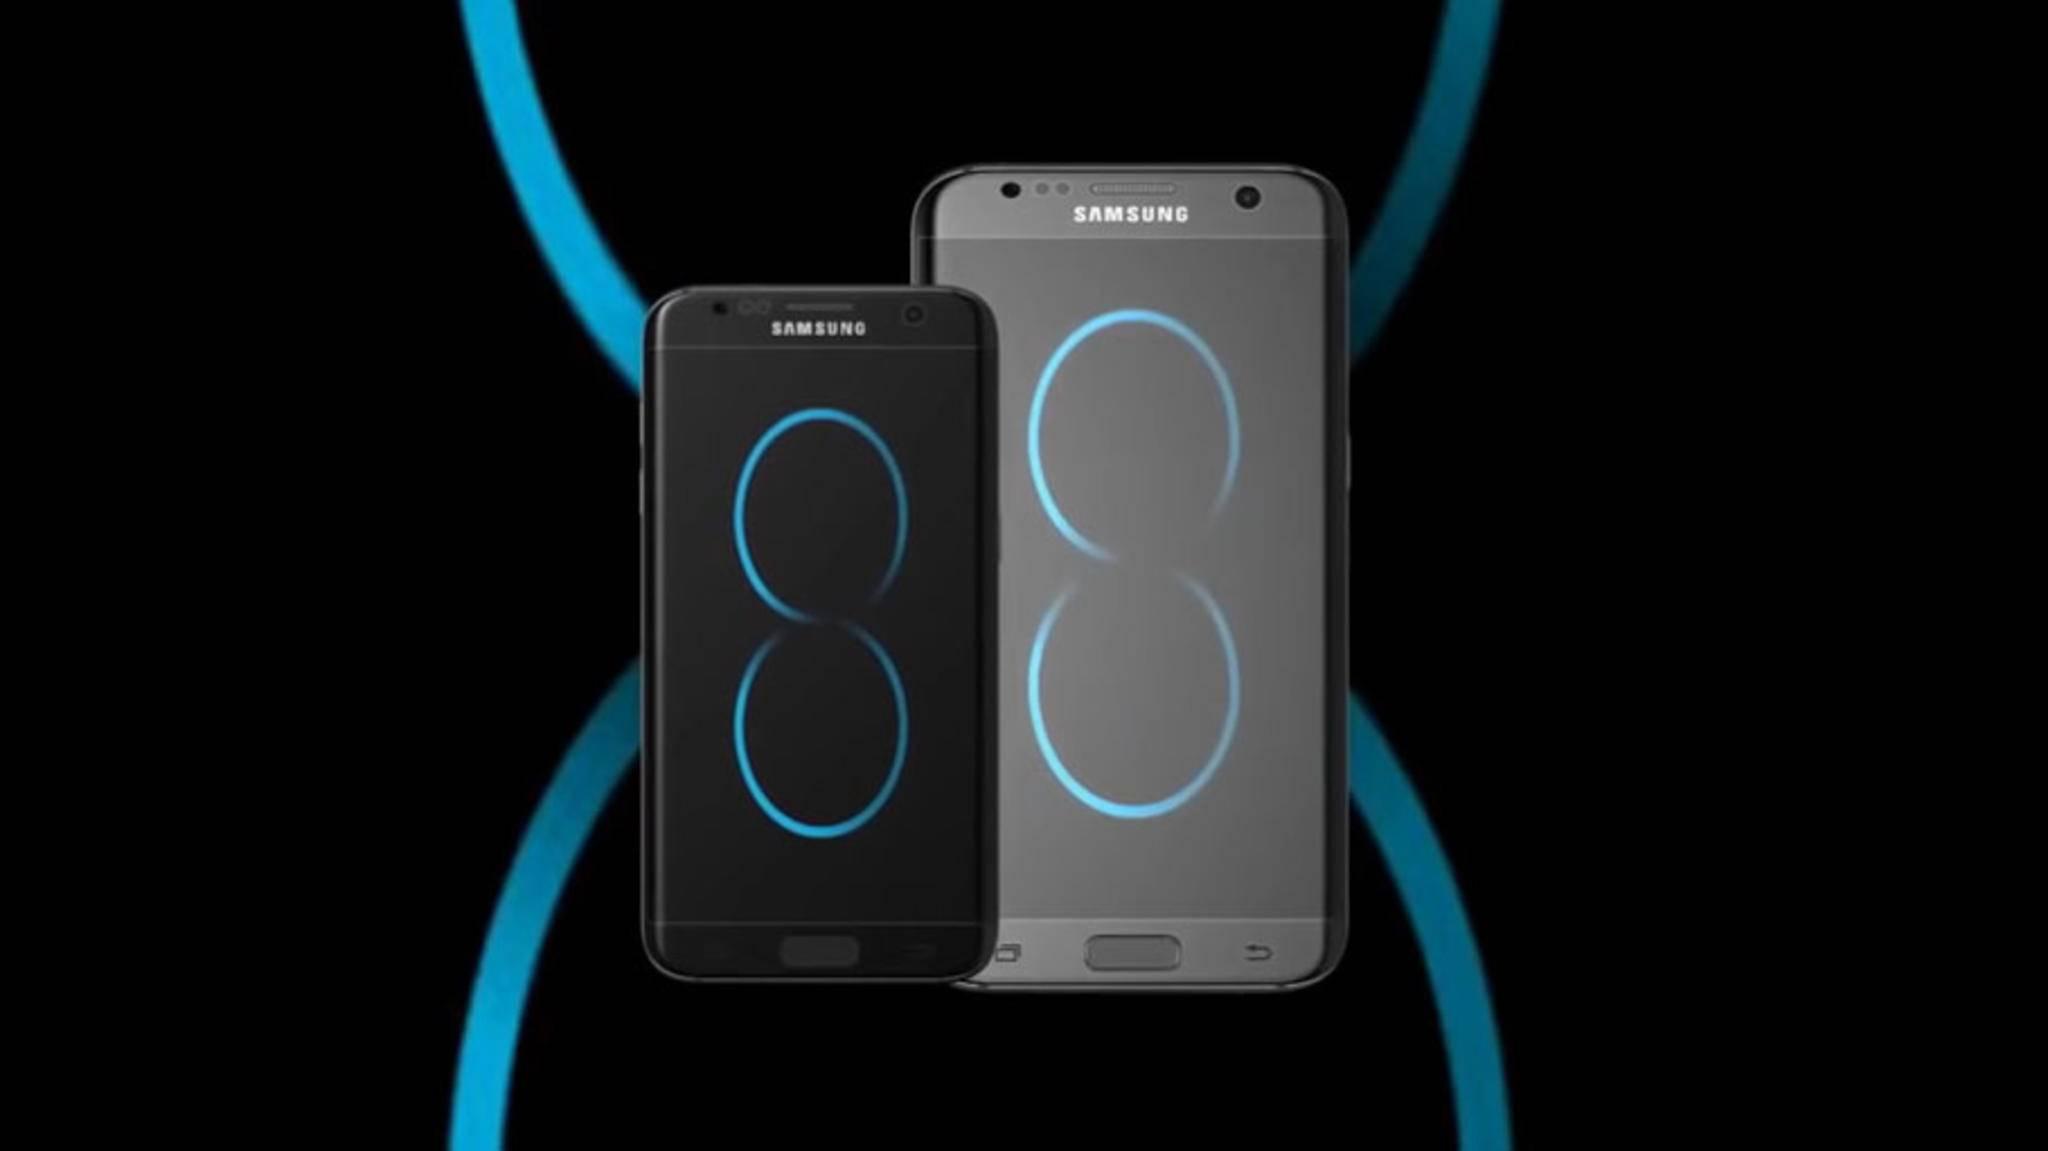 Der Sprachdienst auf dem Galaxy S8 soll in männlicher und weiblicher Form daherkommen.